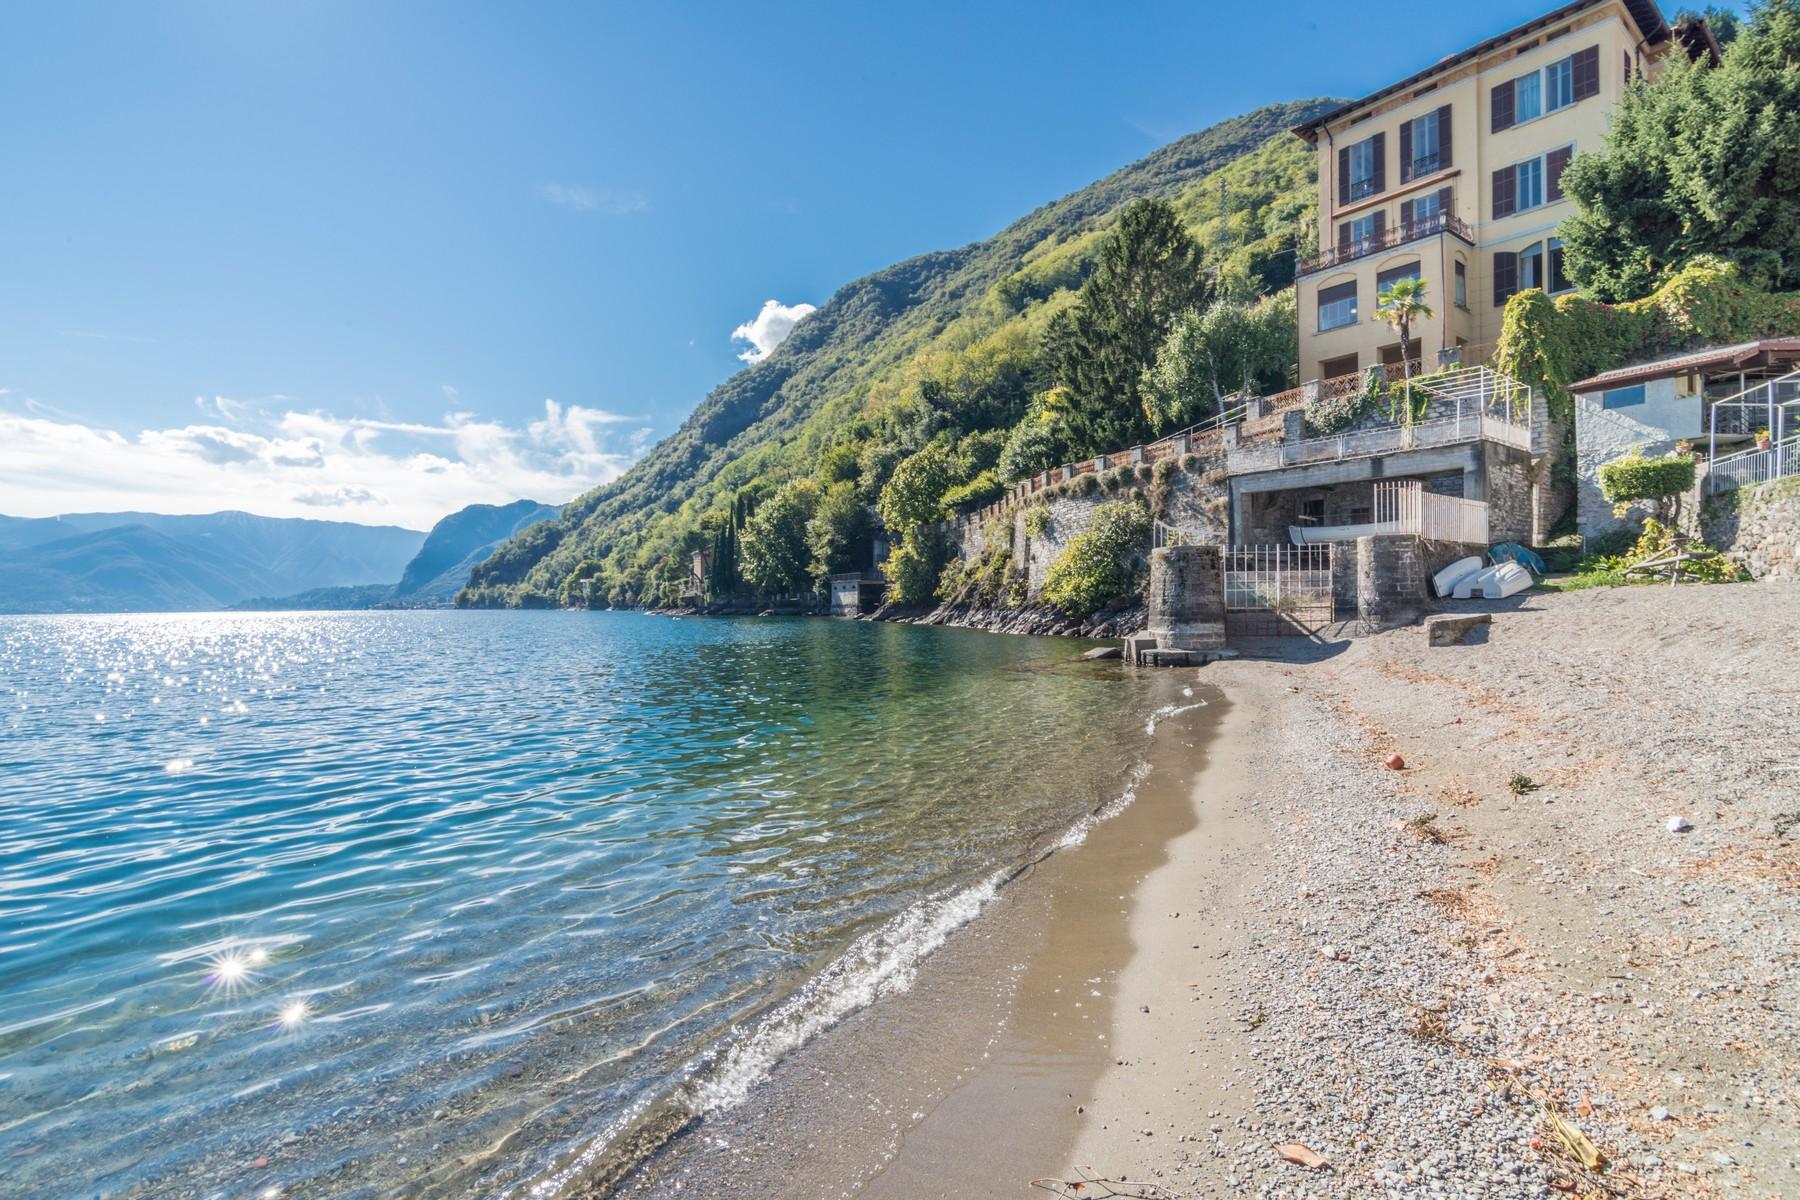 Single Family Home for Sale at Magnificient Villa pied dans l'eau Vicolo Ronchi Menaggio, Como 22017 Italy